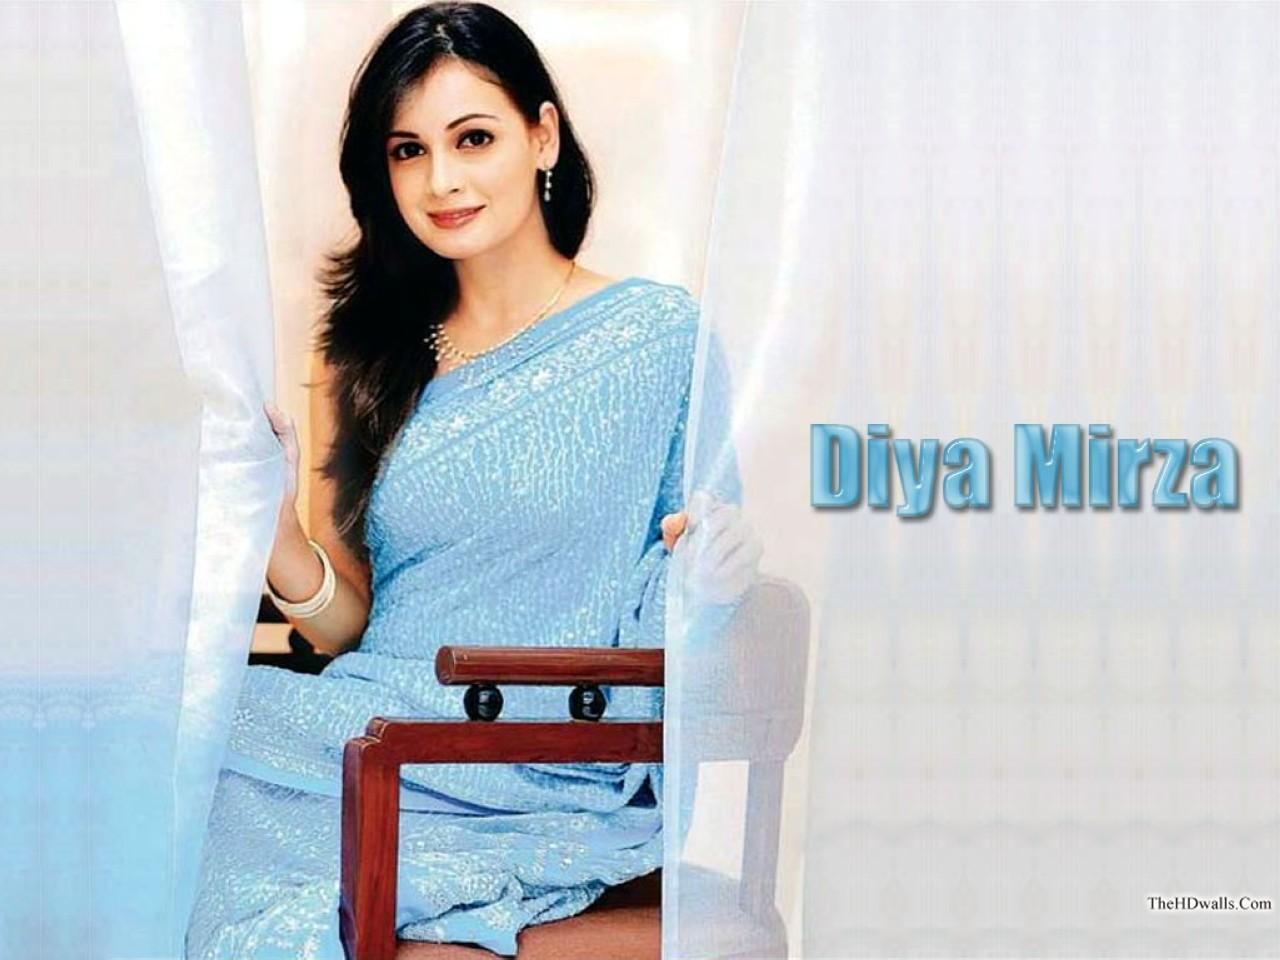 Bollywood Diya Mirza Wallpapers AbuDtcmj